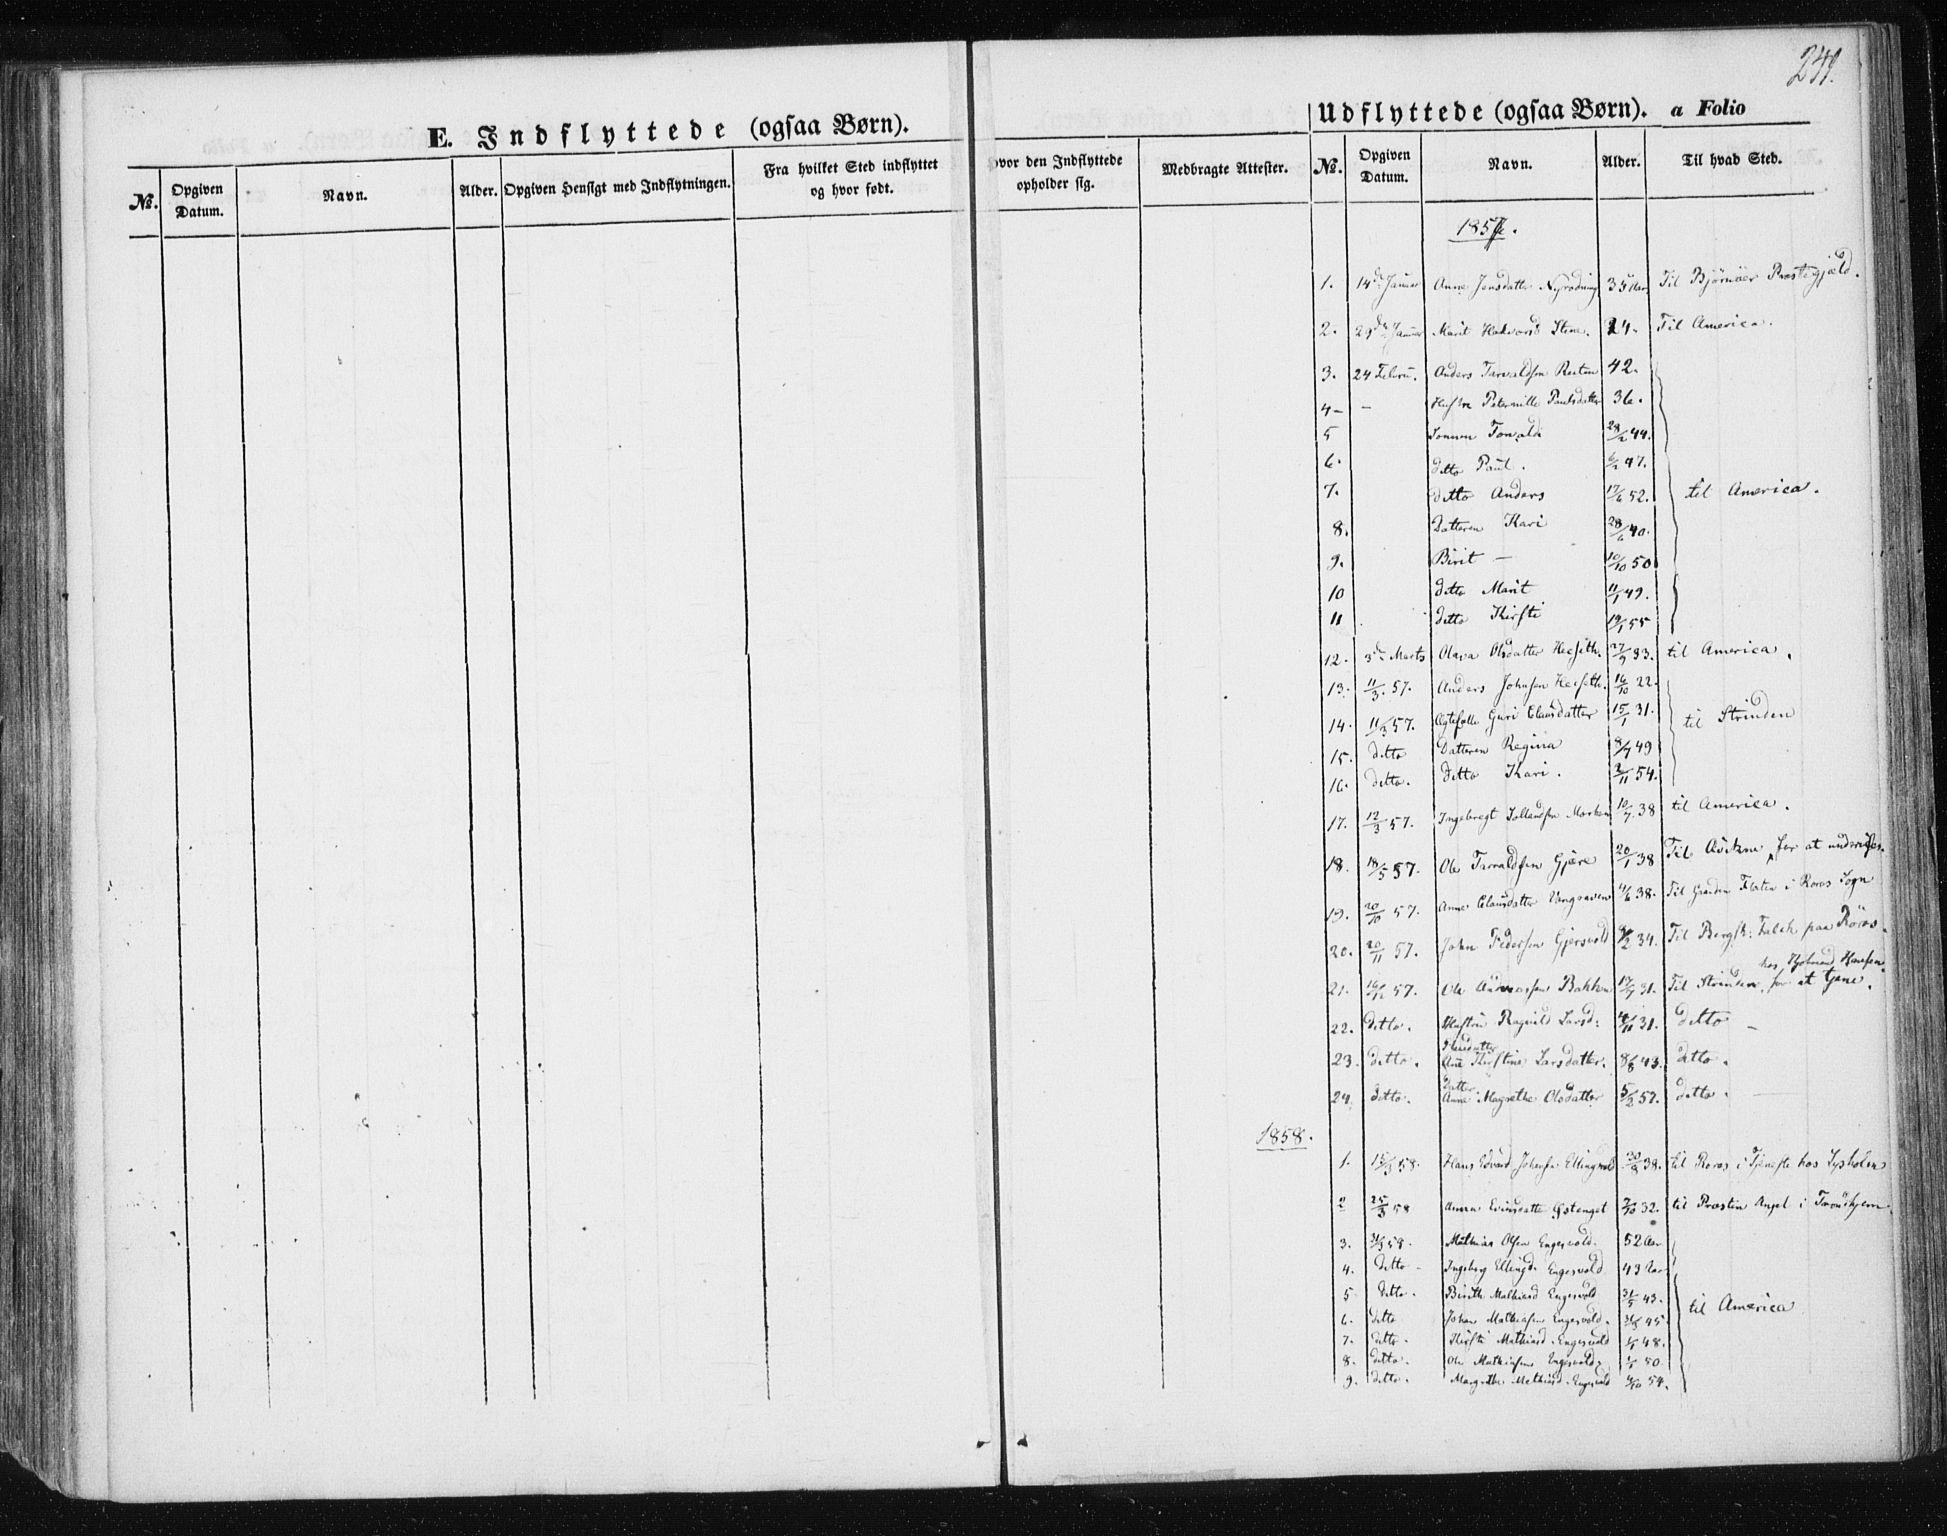 SAT, Ministerialprotokoller, klokkerbøker og fødselsregistre - Sør-Trøndelag, 685/L0965: Ministerialbok nr. 685A06 /3, 1846-1859, s. 241